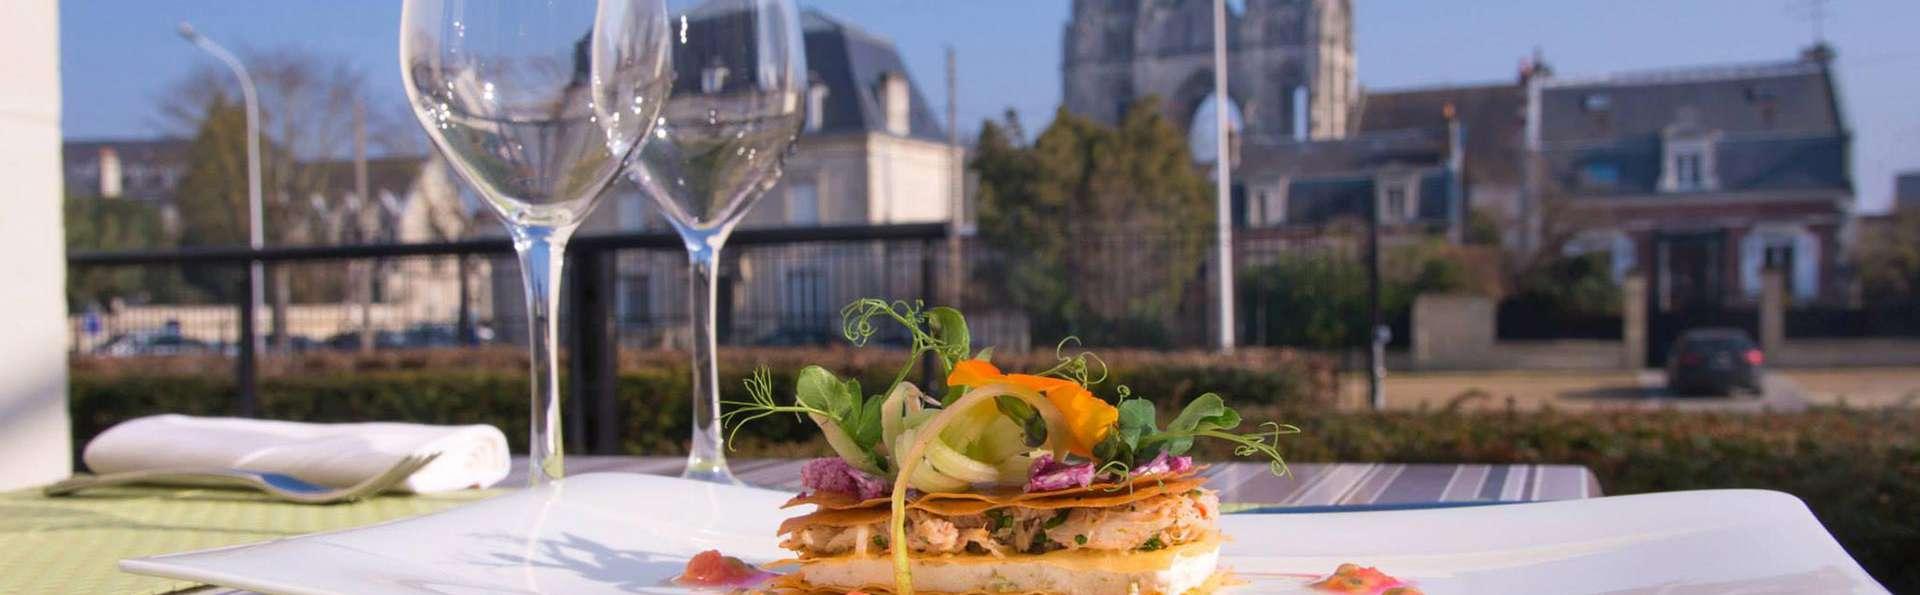 Parenthèse détente avec dîner à une heure de Paris